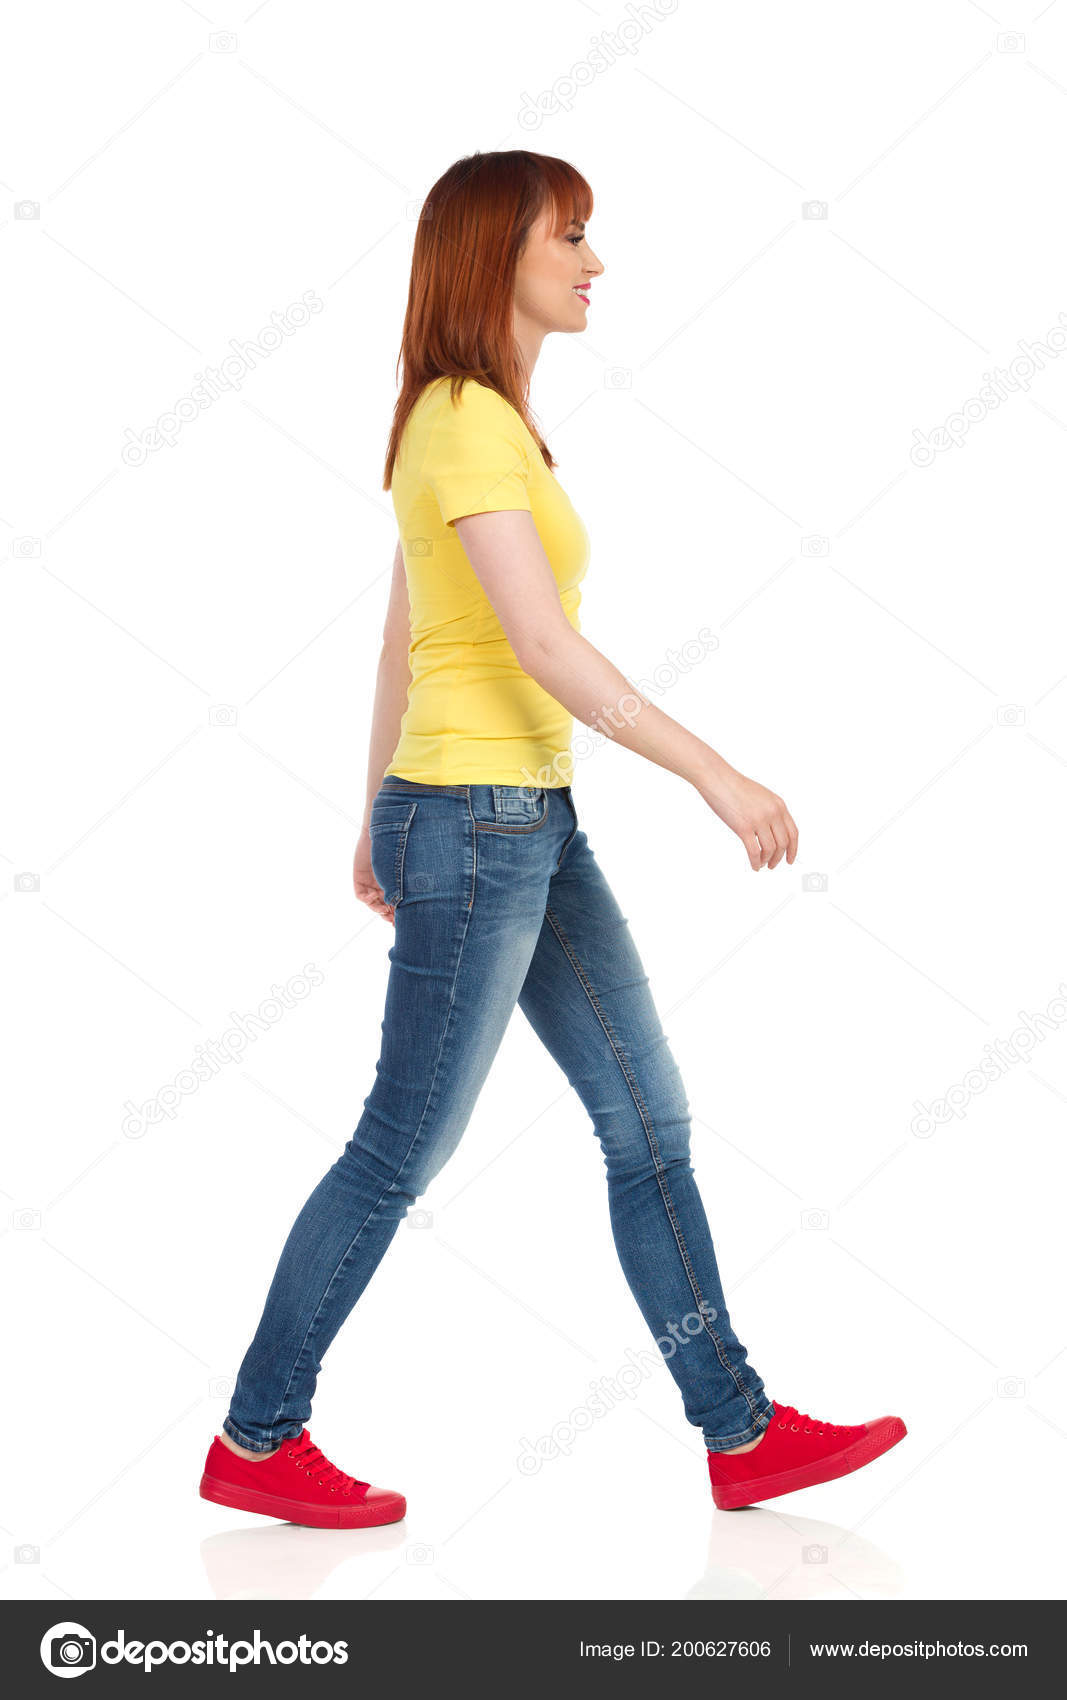 acba1af391f4 Νεαρή Γυναίκα Στο Κίτρινο Πουκάμισο Τζιν Και Κόκκινα Αθλητικά Παπούτσια —  Φωτογραφία Αρχείου